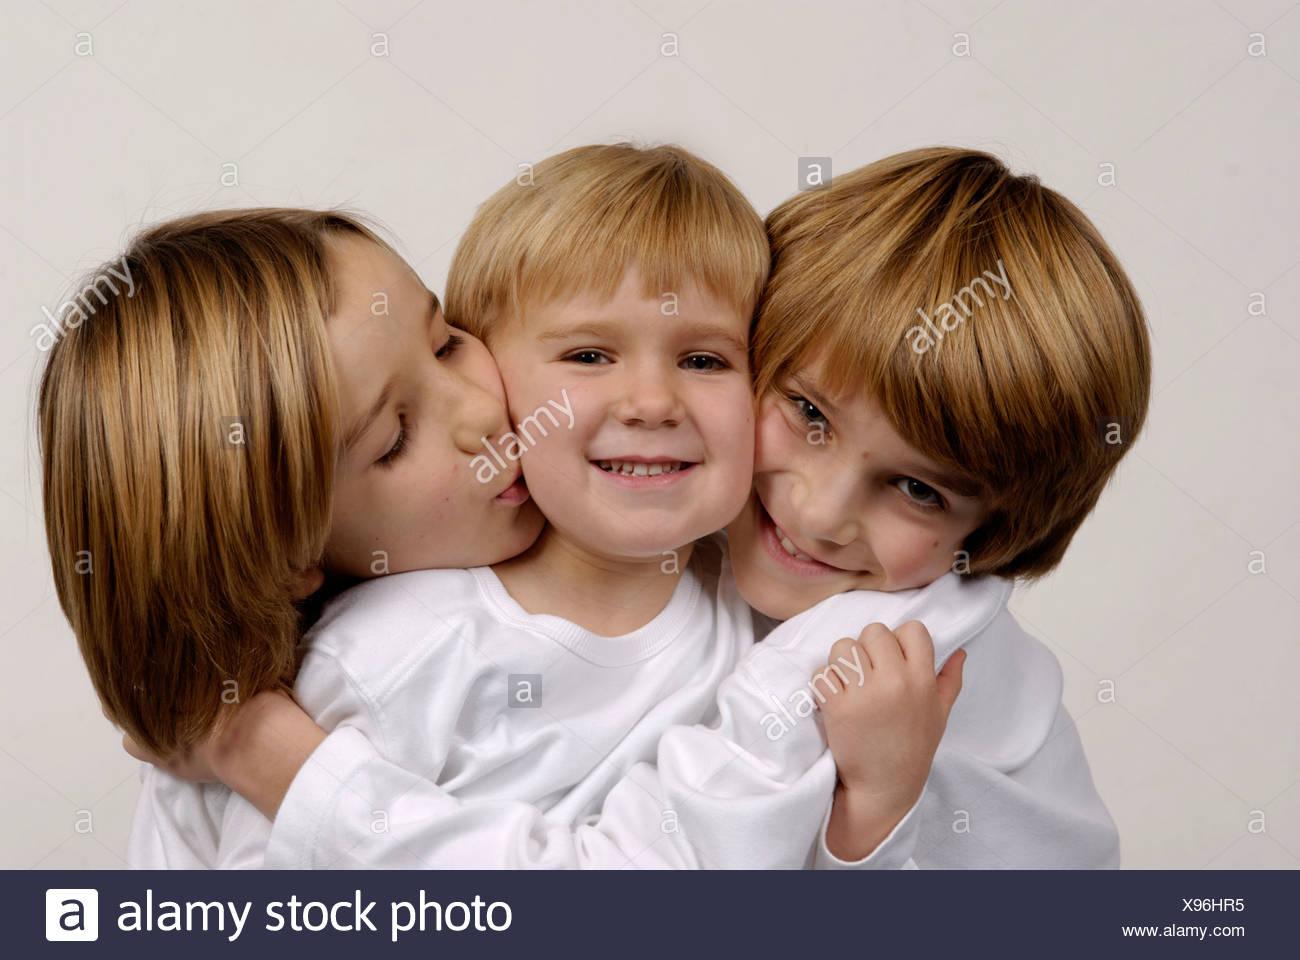 Tres hermanos, retrato, buscando similar Imagen De Stock